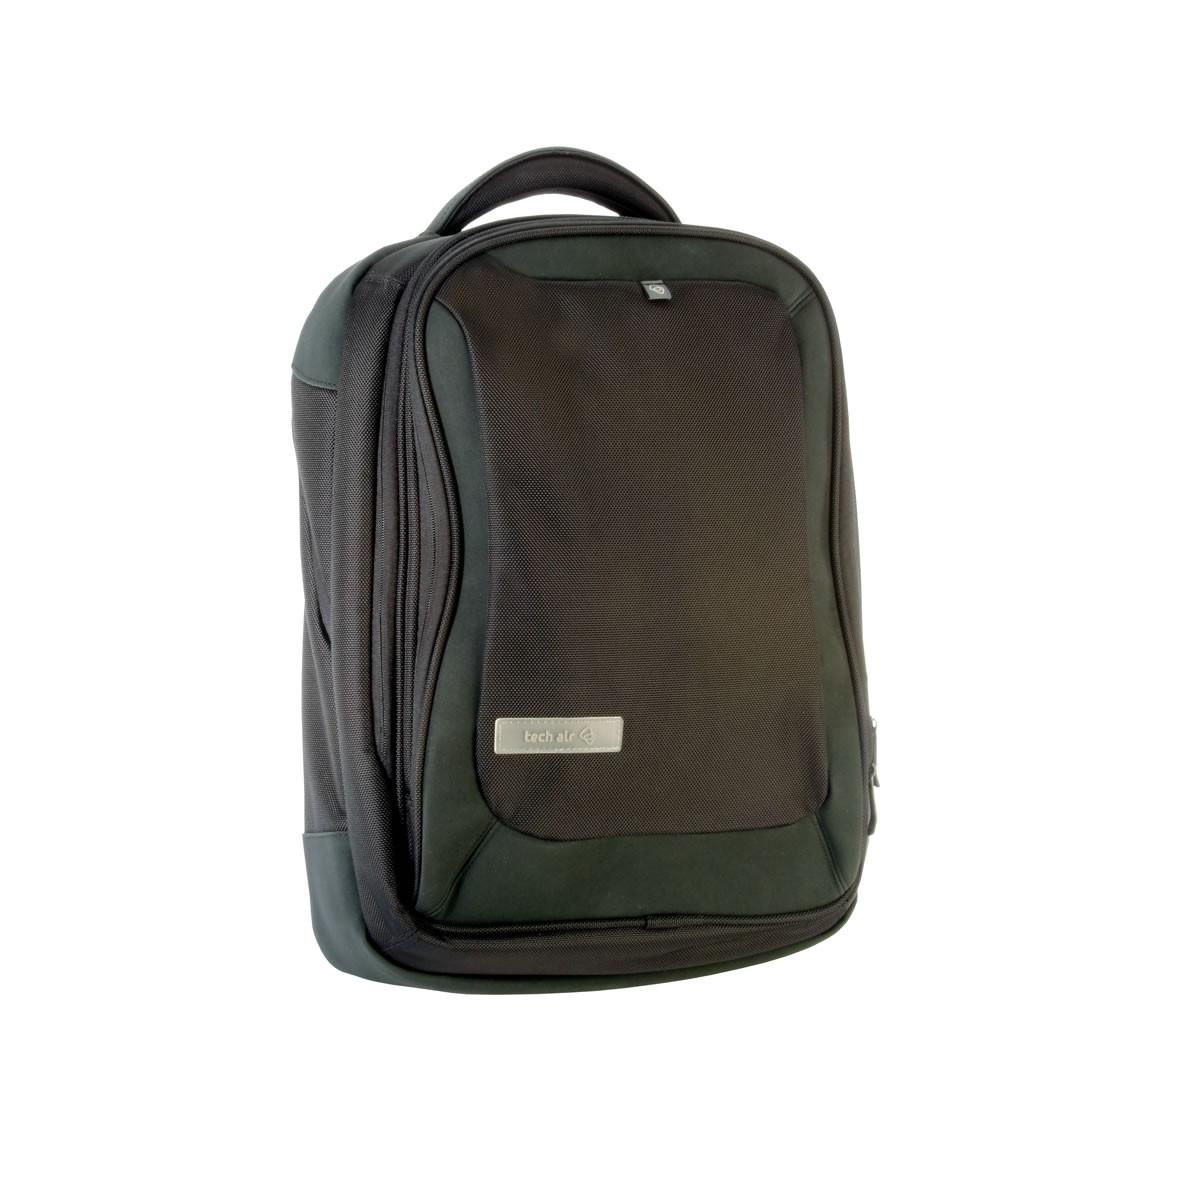 """Tech air 5701V4 maletines para portátil 39,6 cm (15.6"""") Funda tipo mochila Negro"""